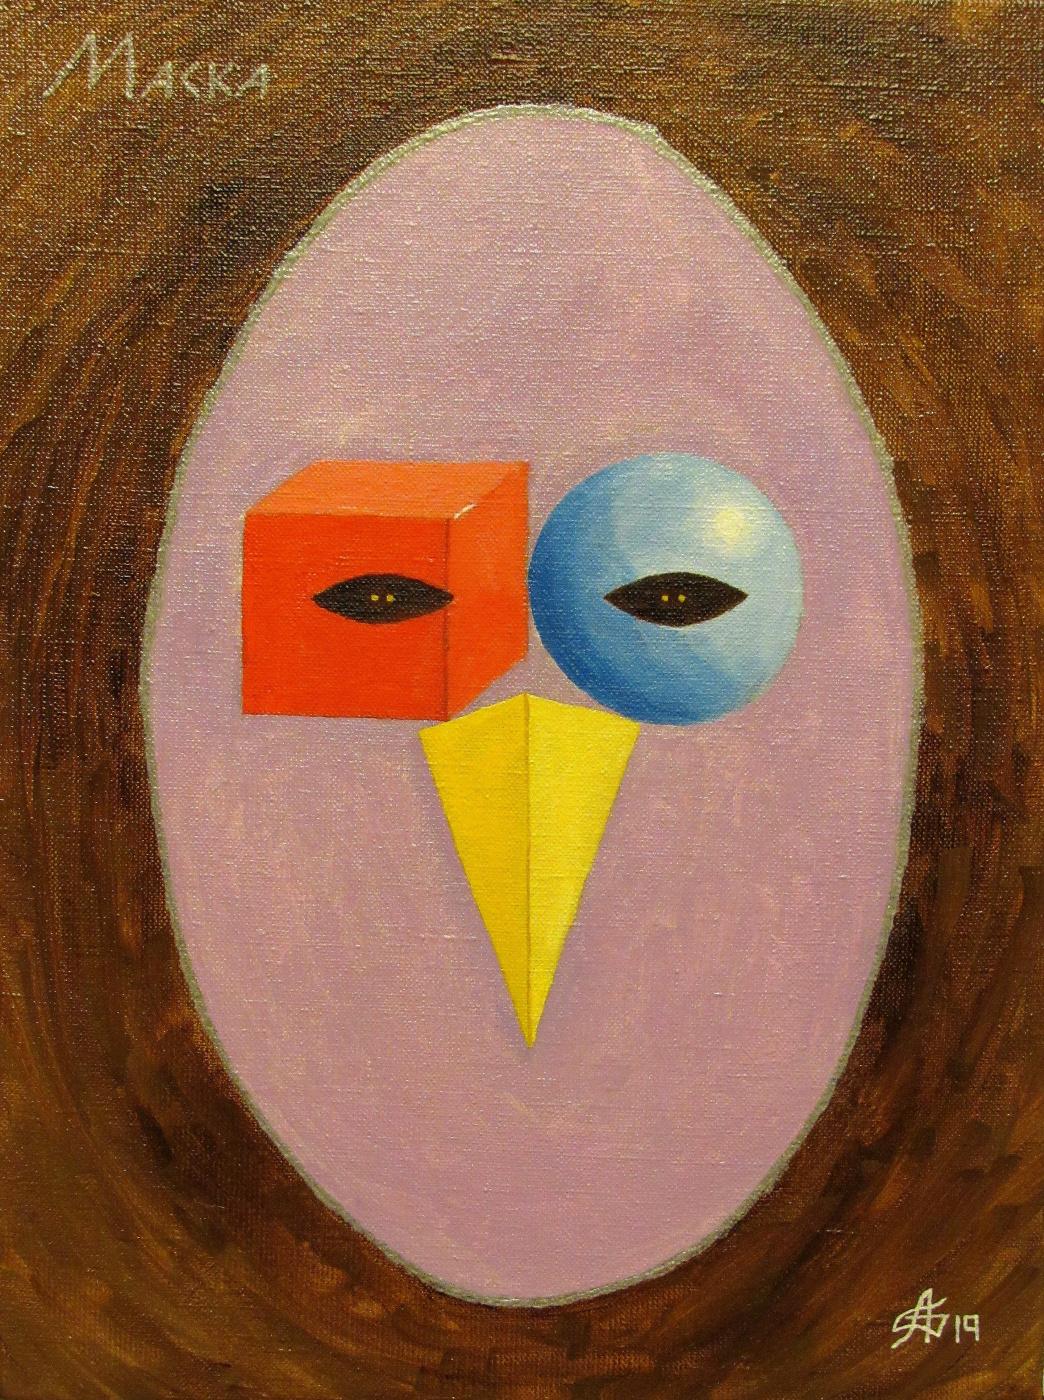 """Artashes Badalyan. Mask (from the cycle """"Symbolic geometry"""") - xm - 40x30"""